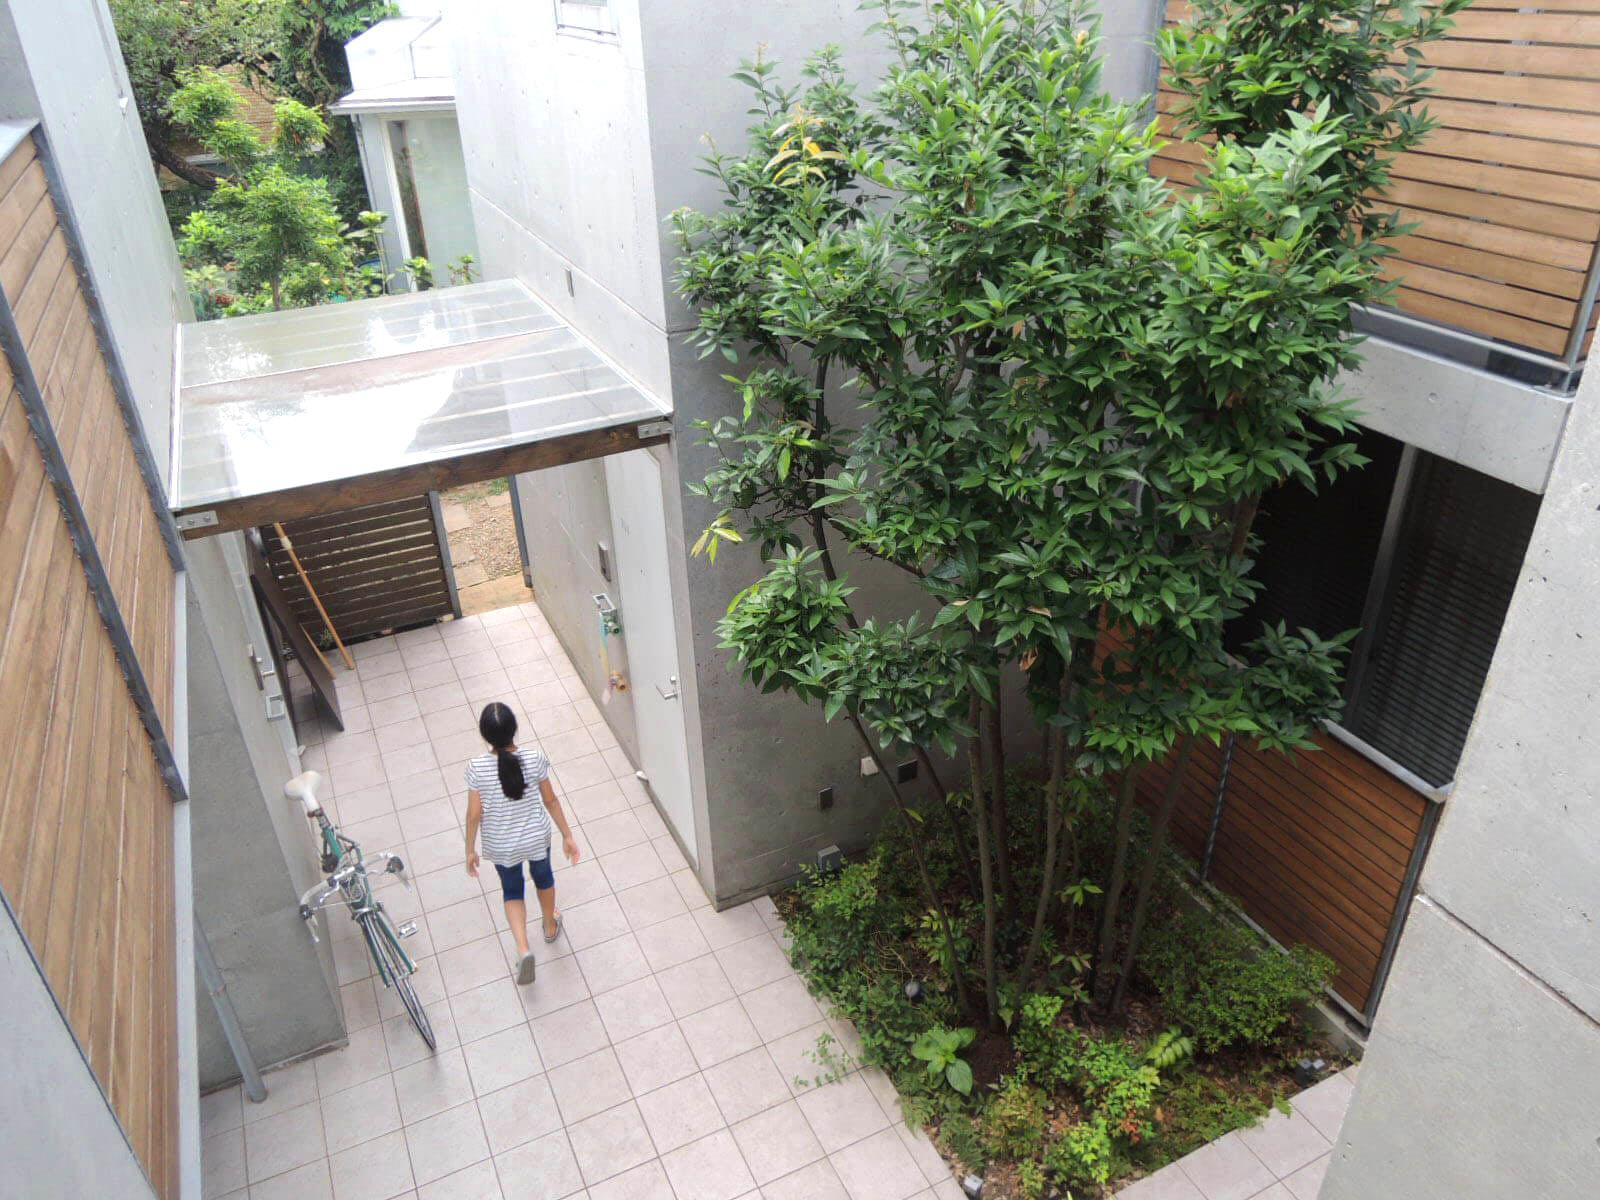 植栽に守られた1階の部屋、敷地内は路地のよう